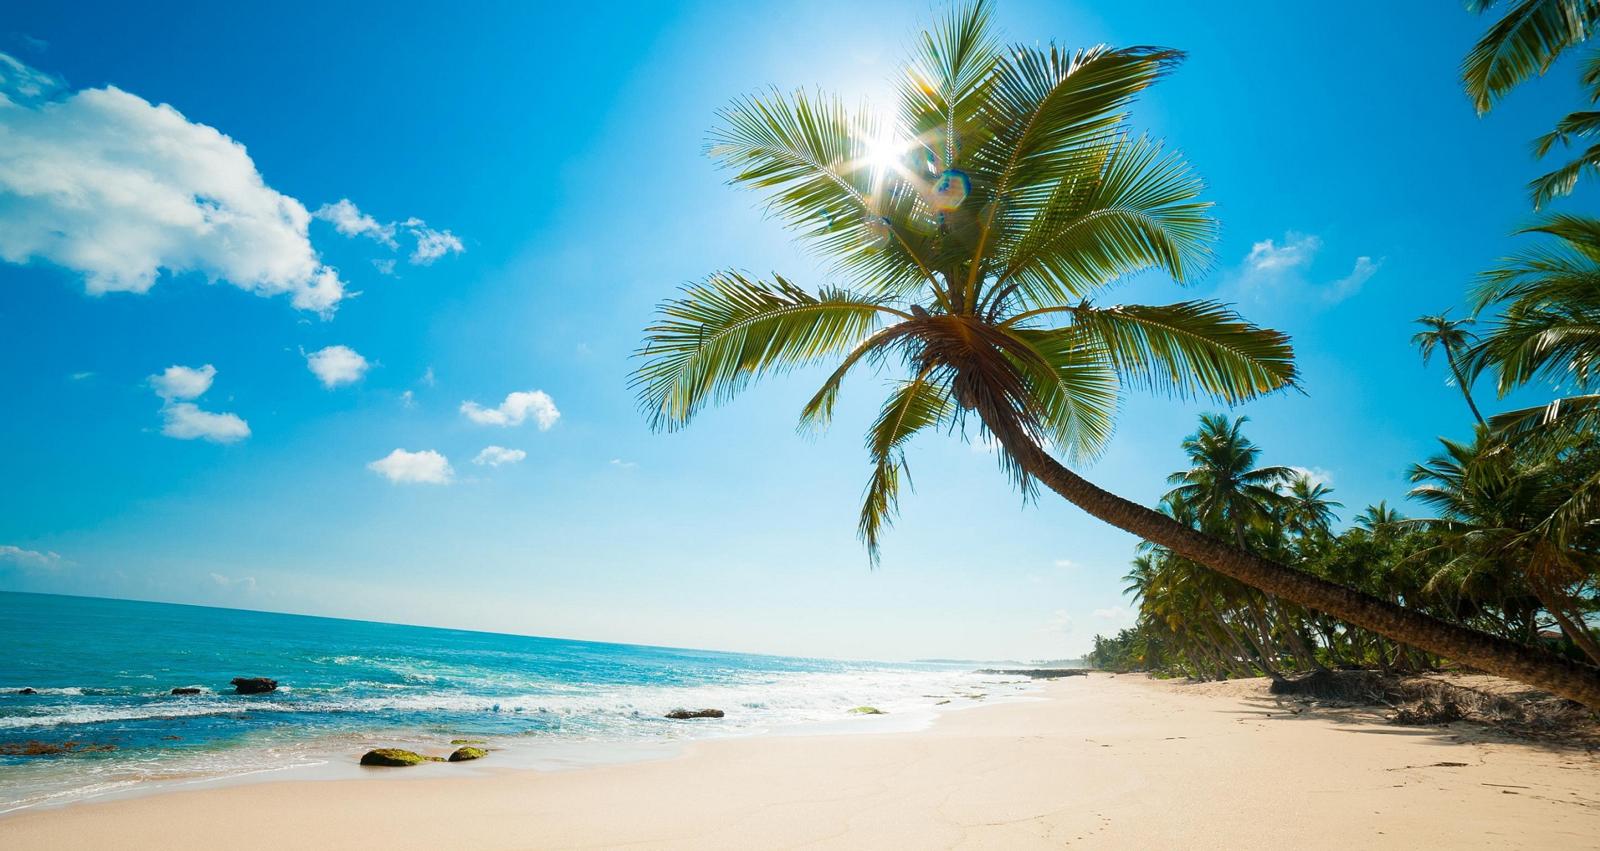 Du lịch Phú Quốc mùa Hè với những điểm đến siêu hót